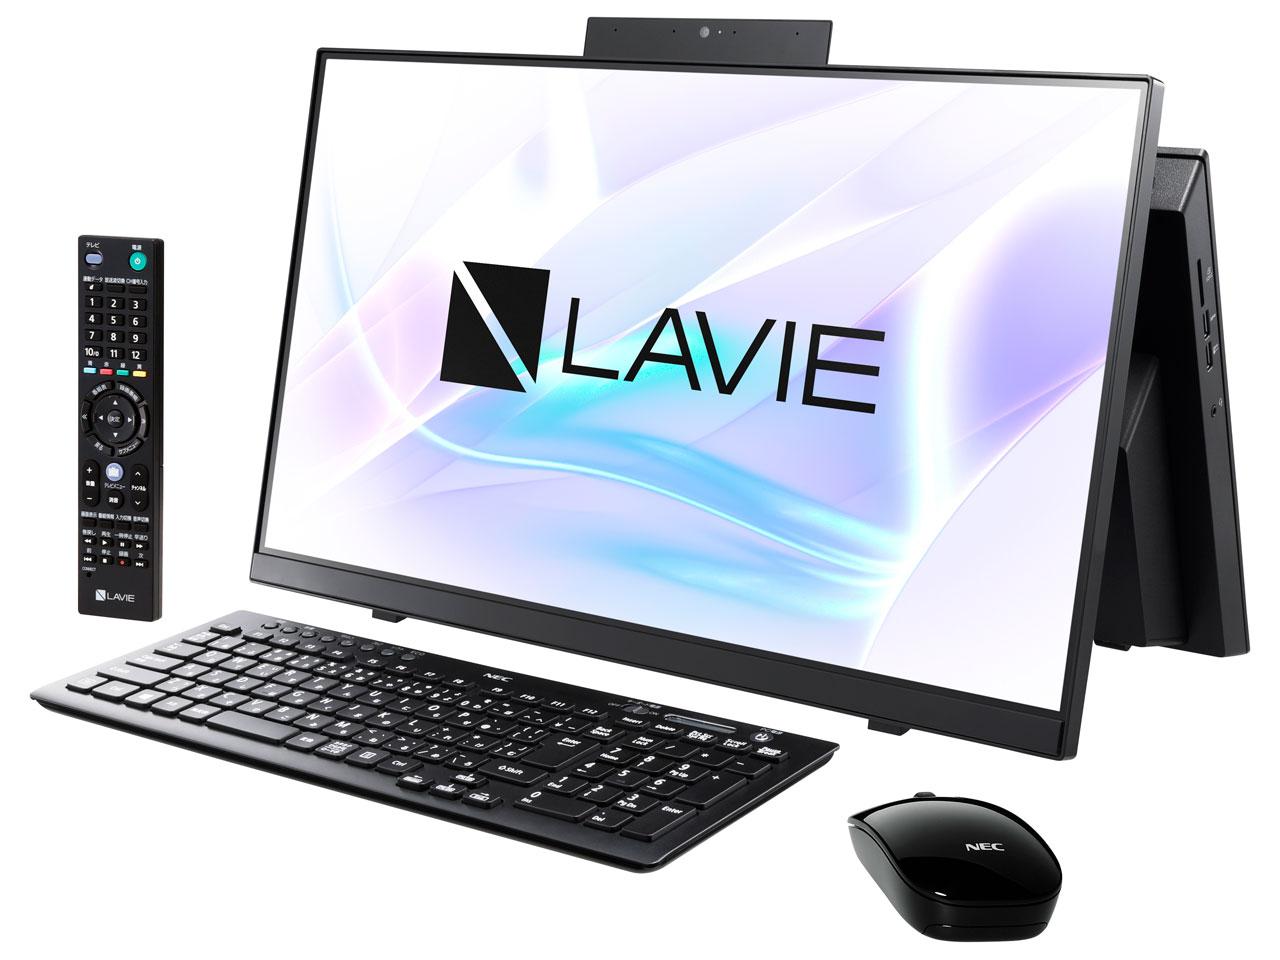 新品 セール特価 在庫あり LAVIE Home All-in-one HA770 PC-HA770RAB ファインブラック RAB 希少